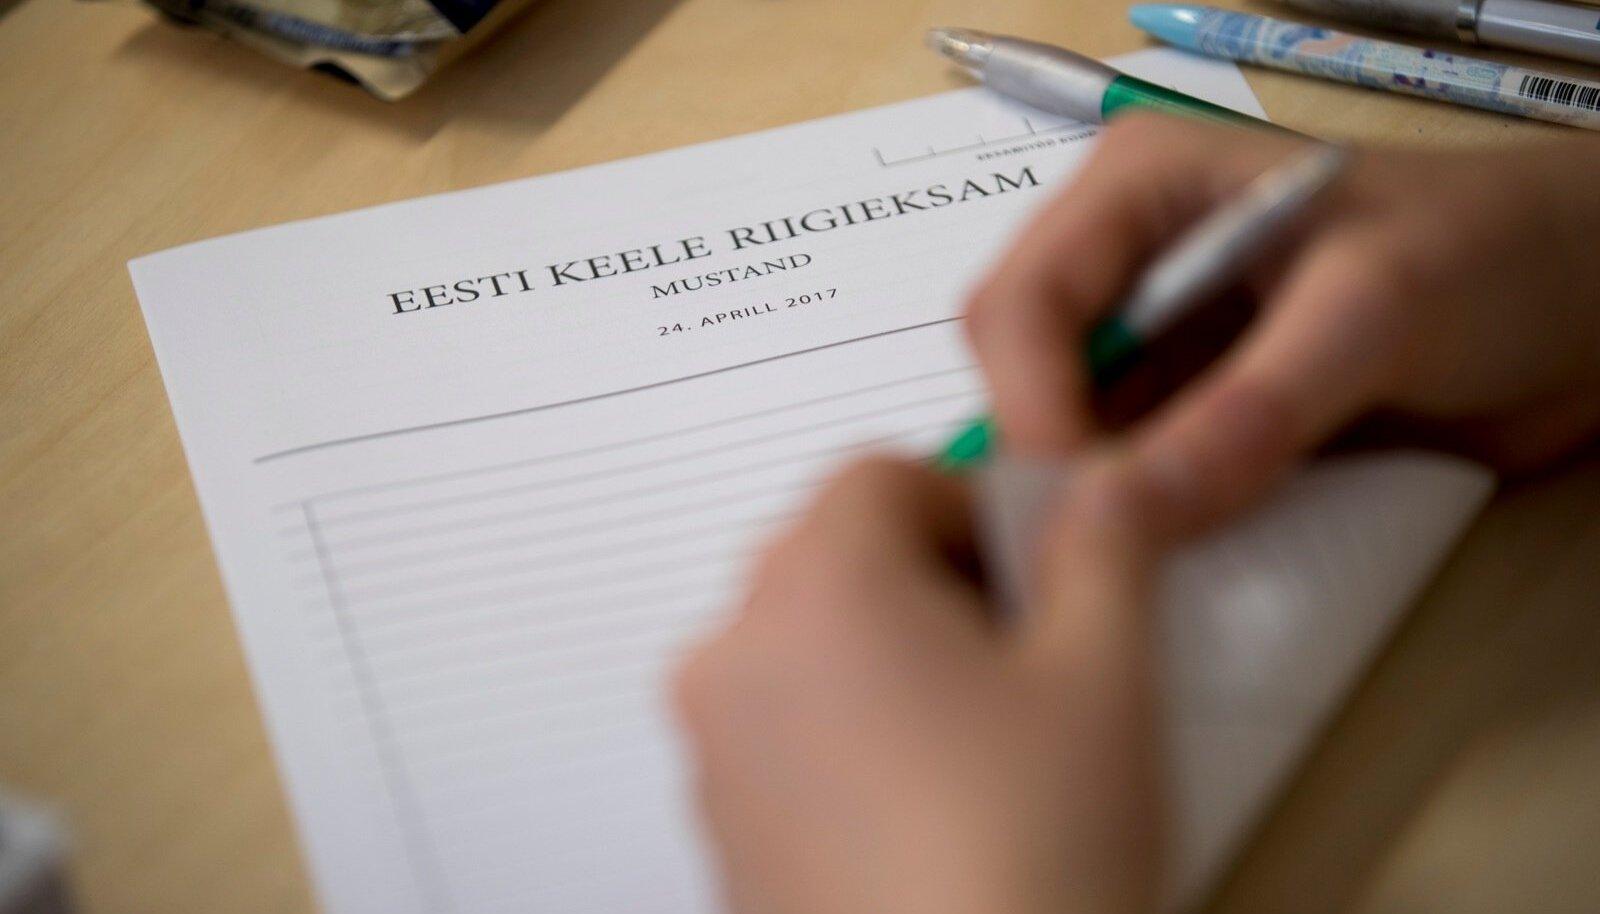 Eesti keele riigieksam